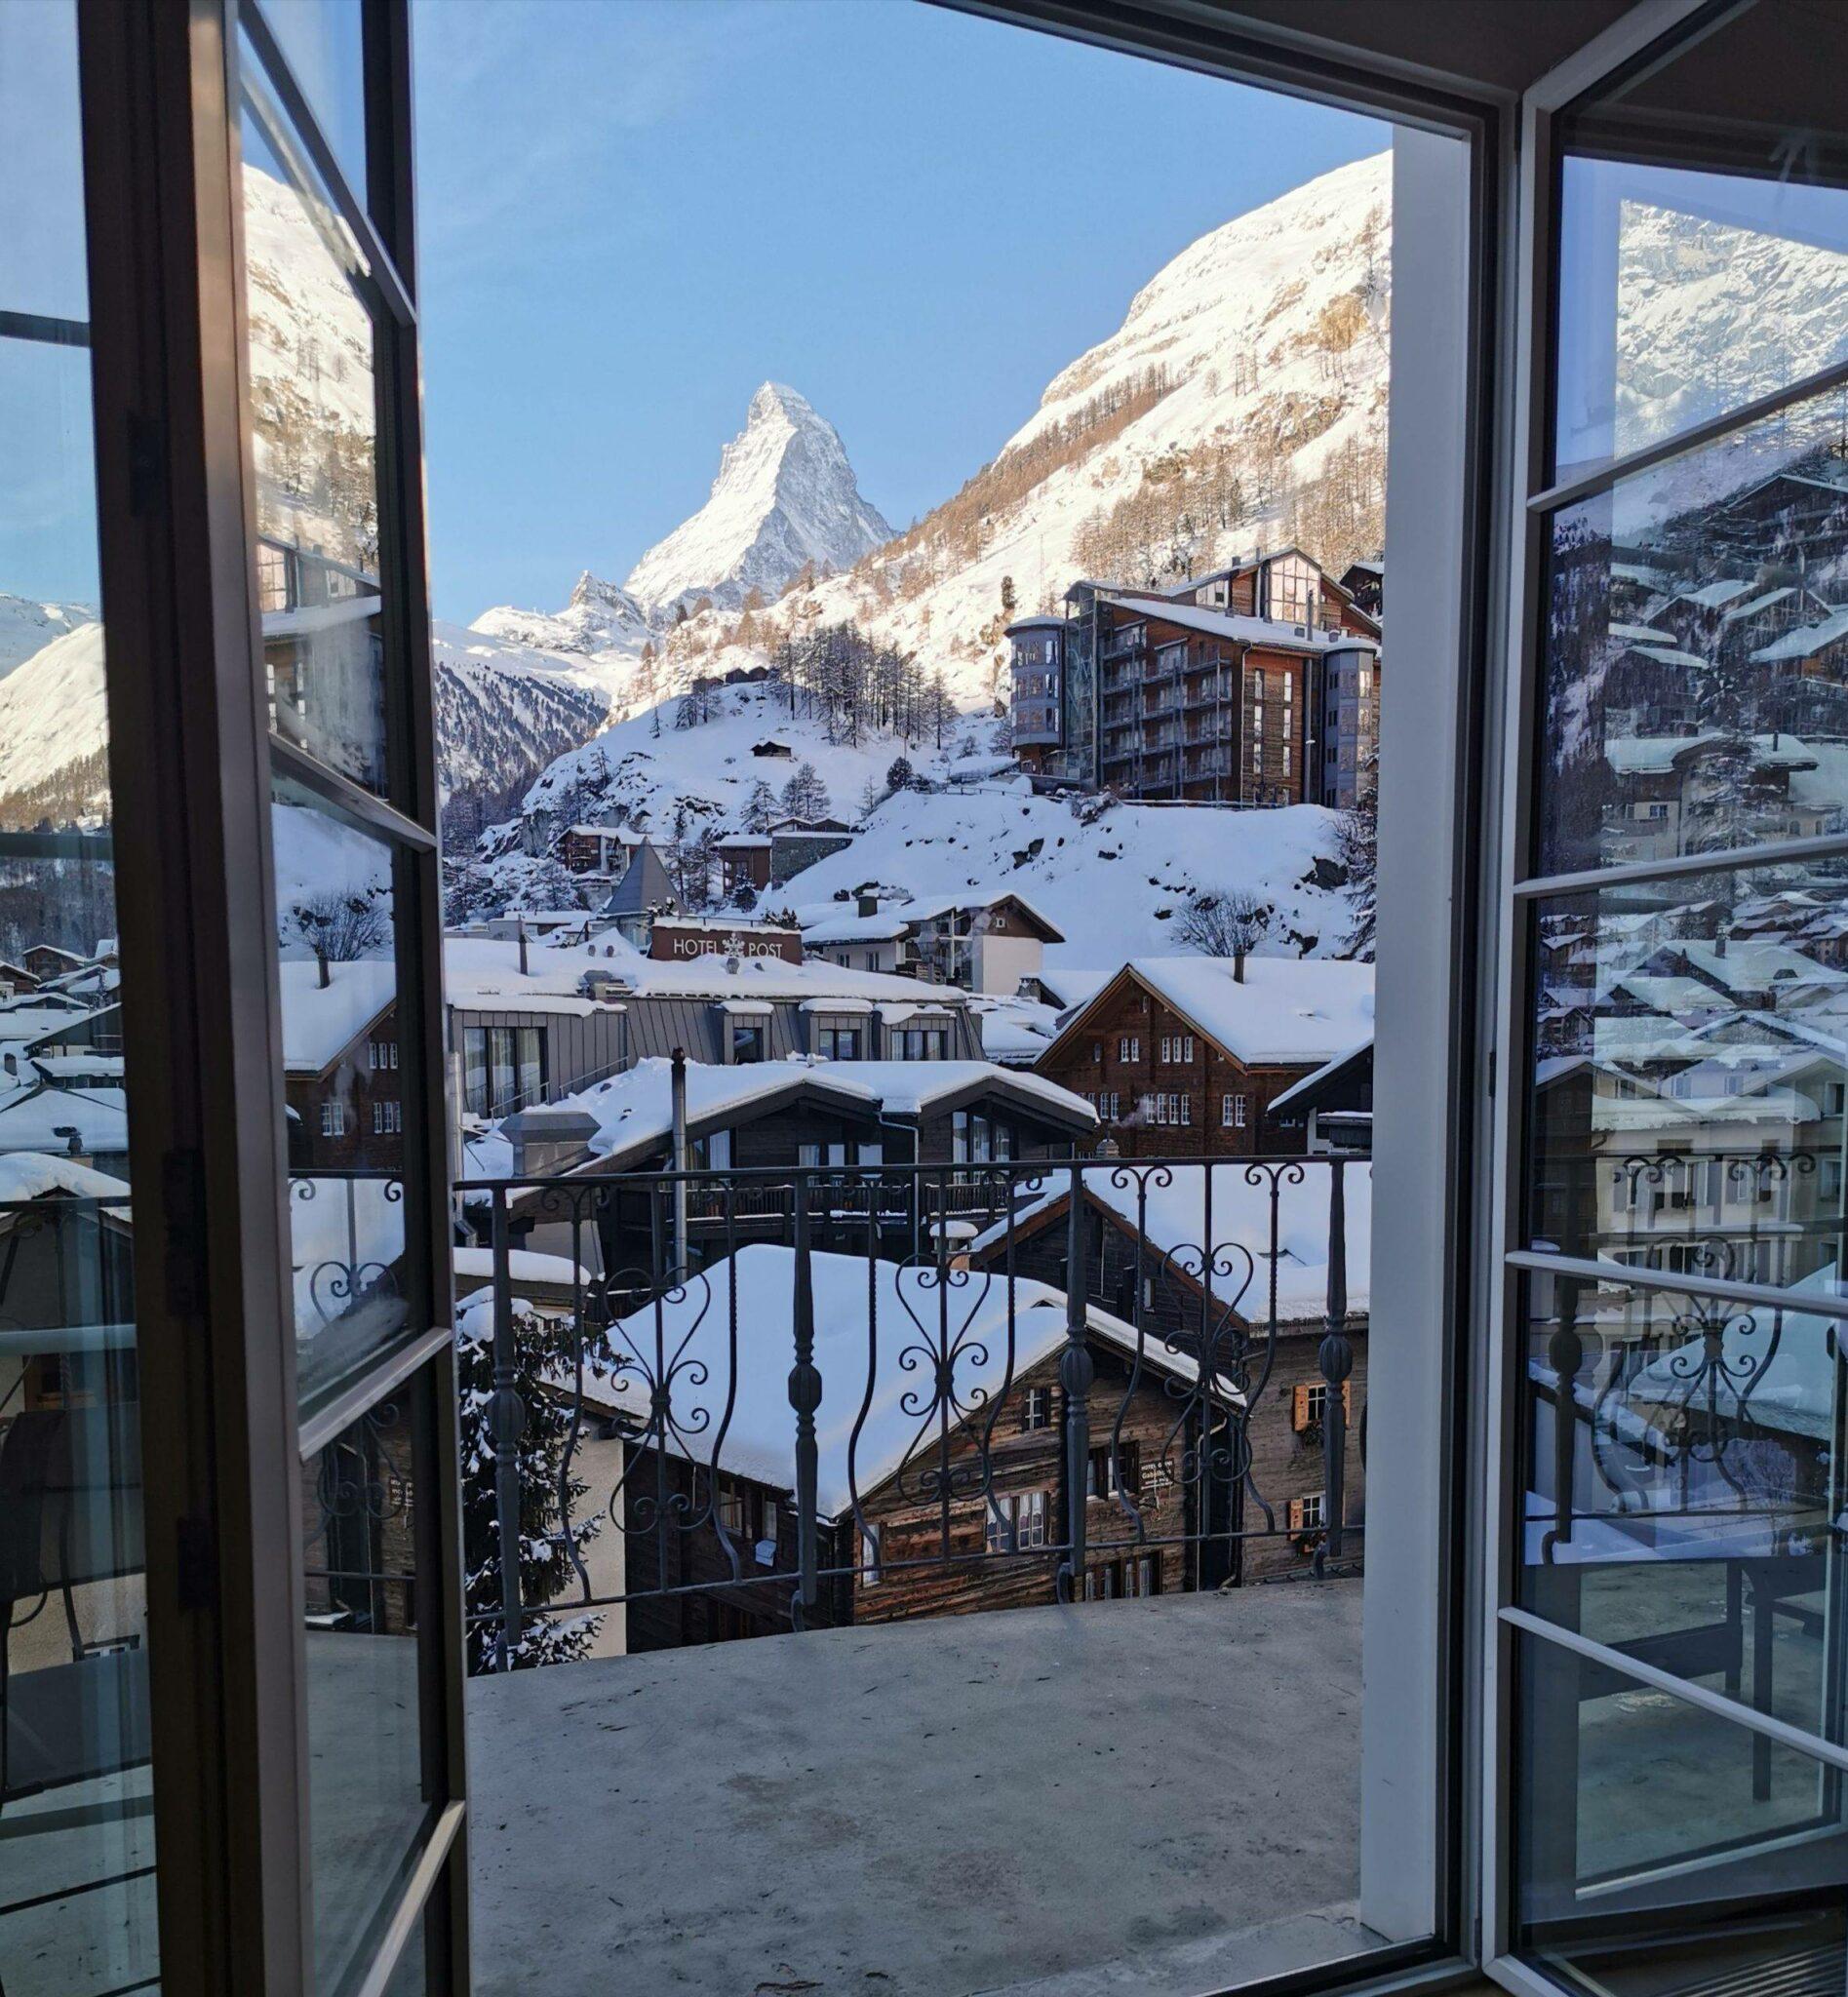 Matterhorn mountain view from Mont Cervin Palace hotel in Zermatt